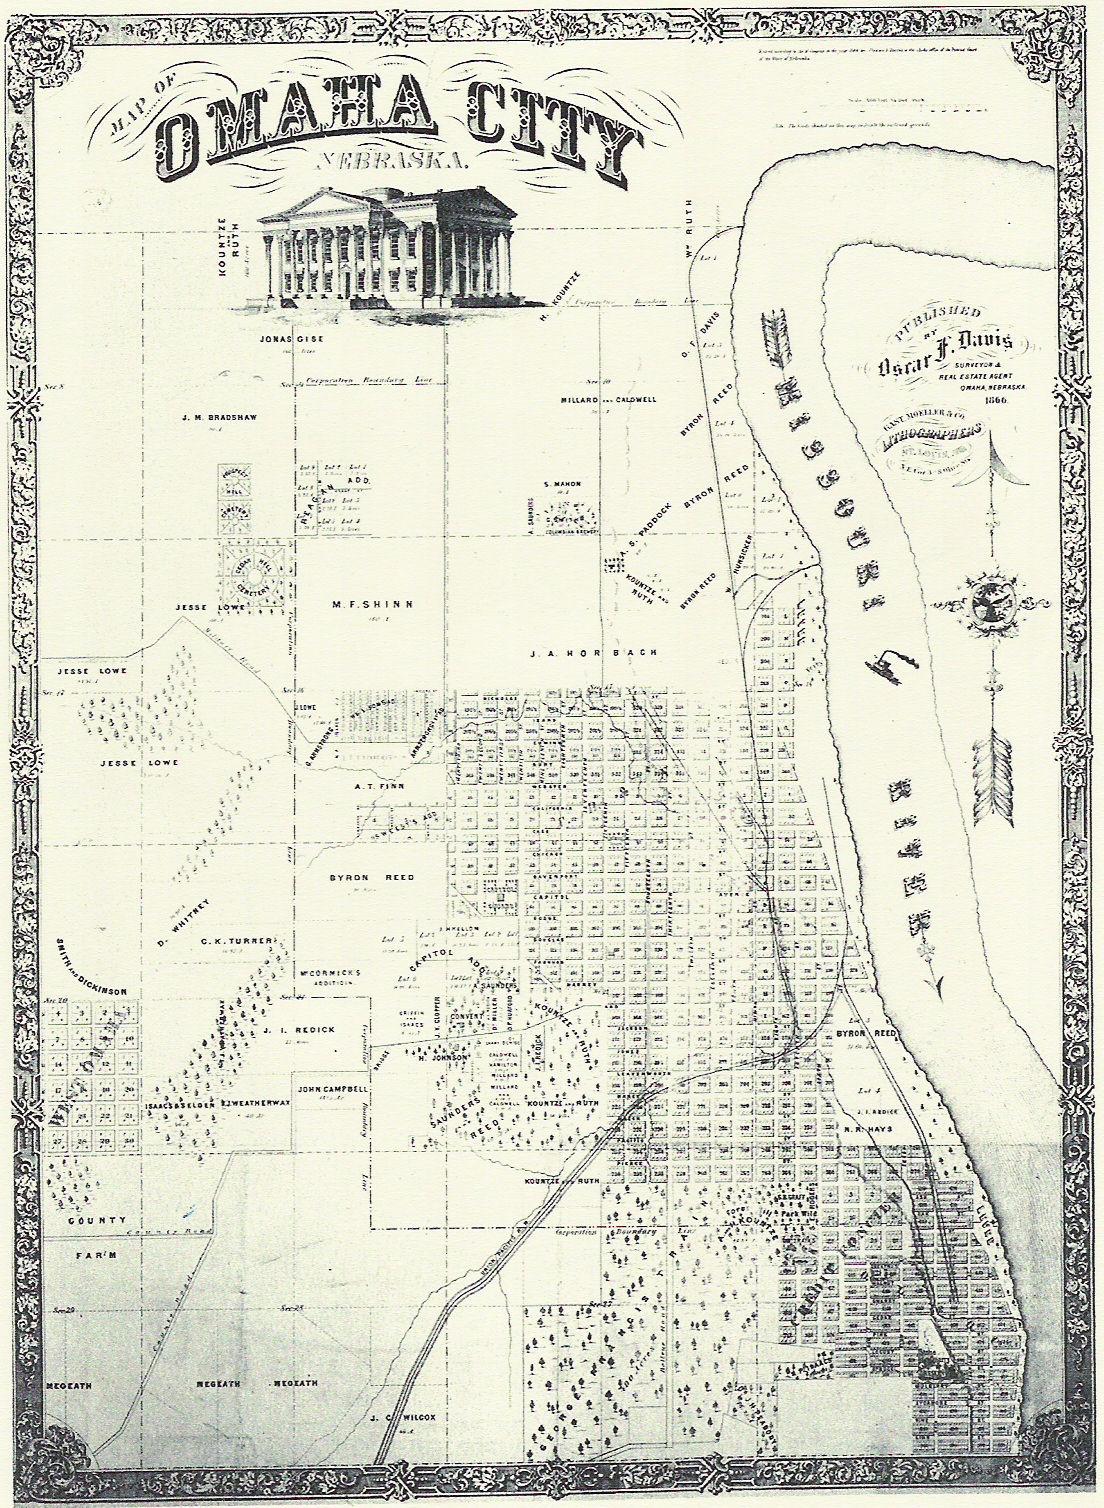 OmahaCity Map2